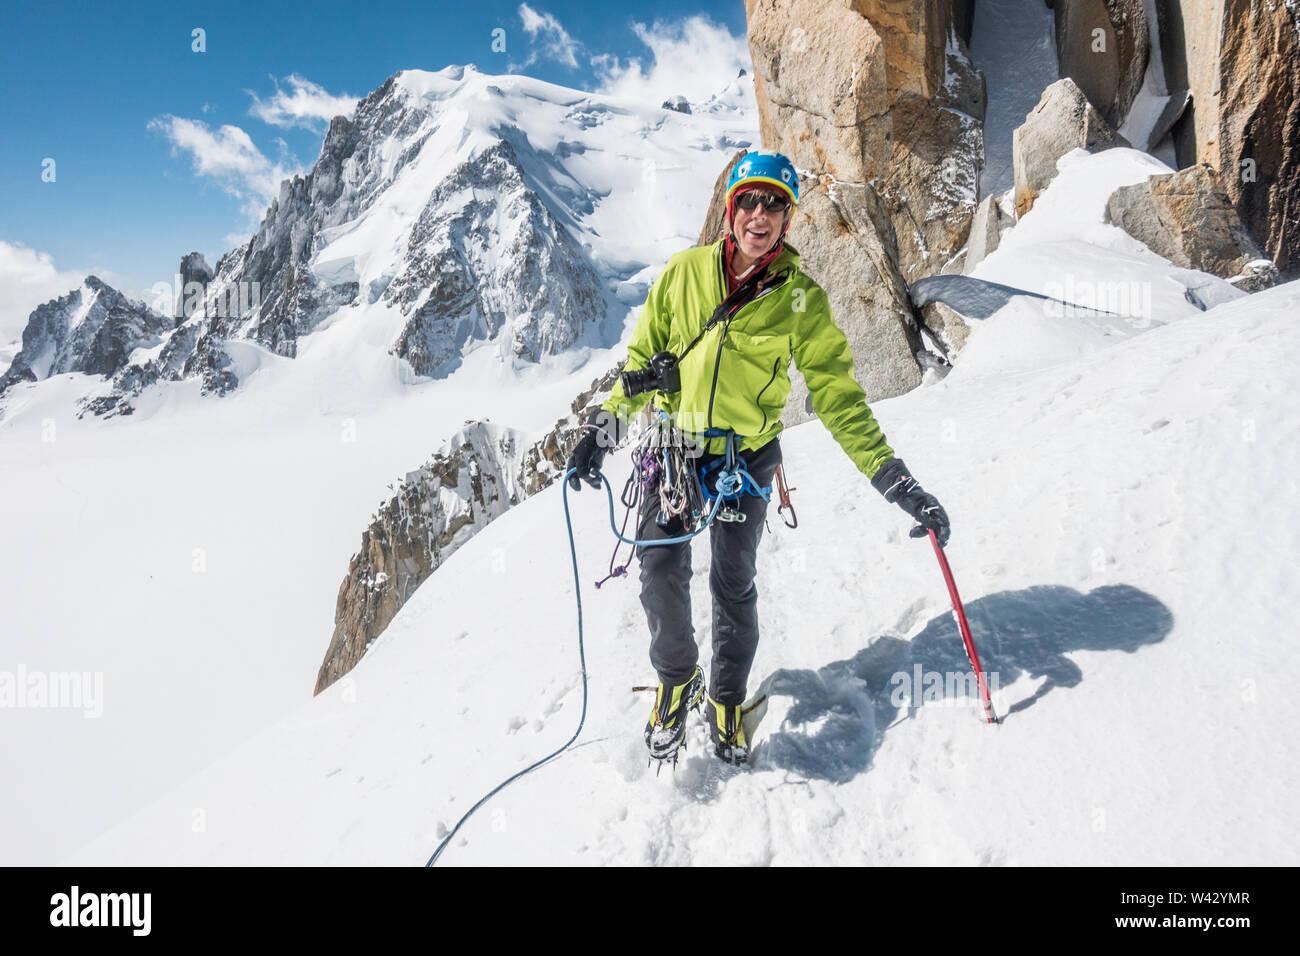 Un escalador sonríe mientras disfruta de excelentes condiciones en los Alpes franceses Foto de stock